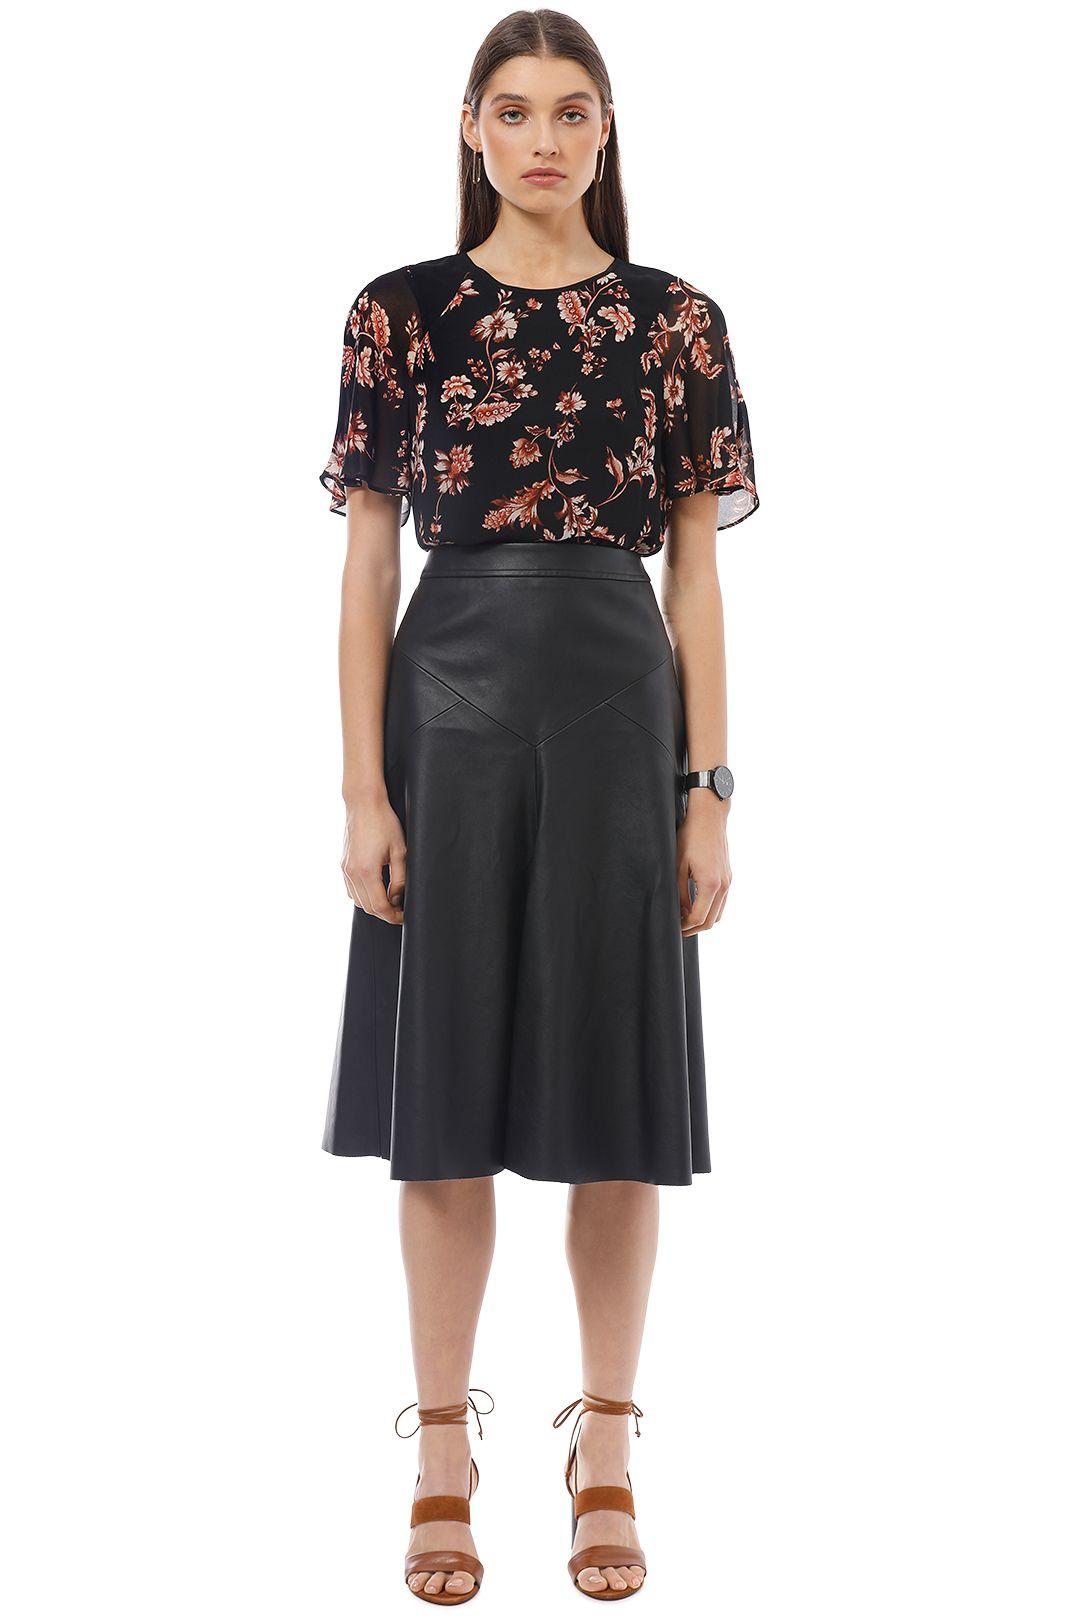 Saba - Rhiannon Floral Top - Black - Front